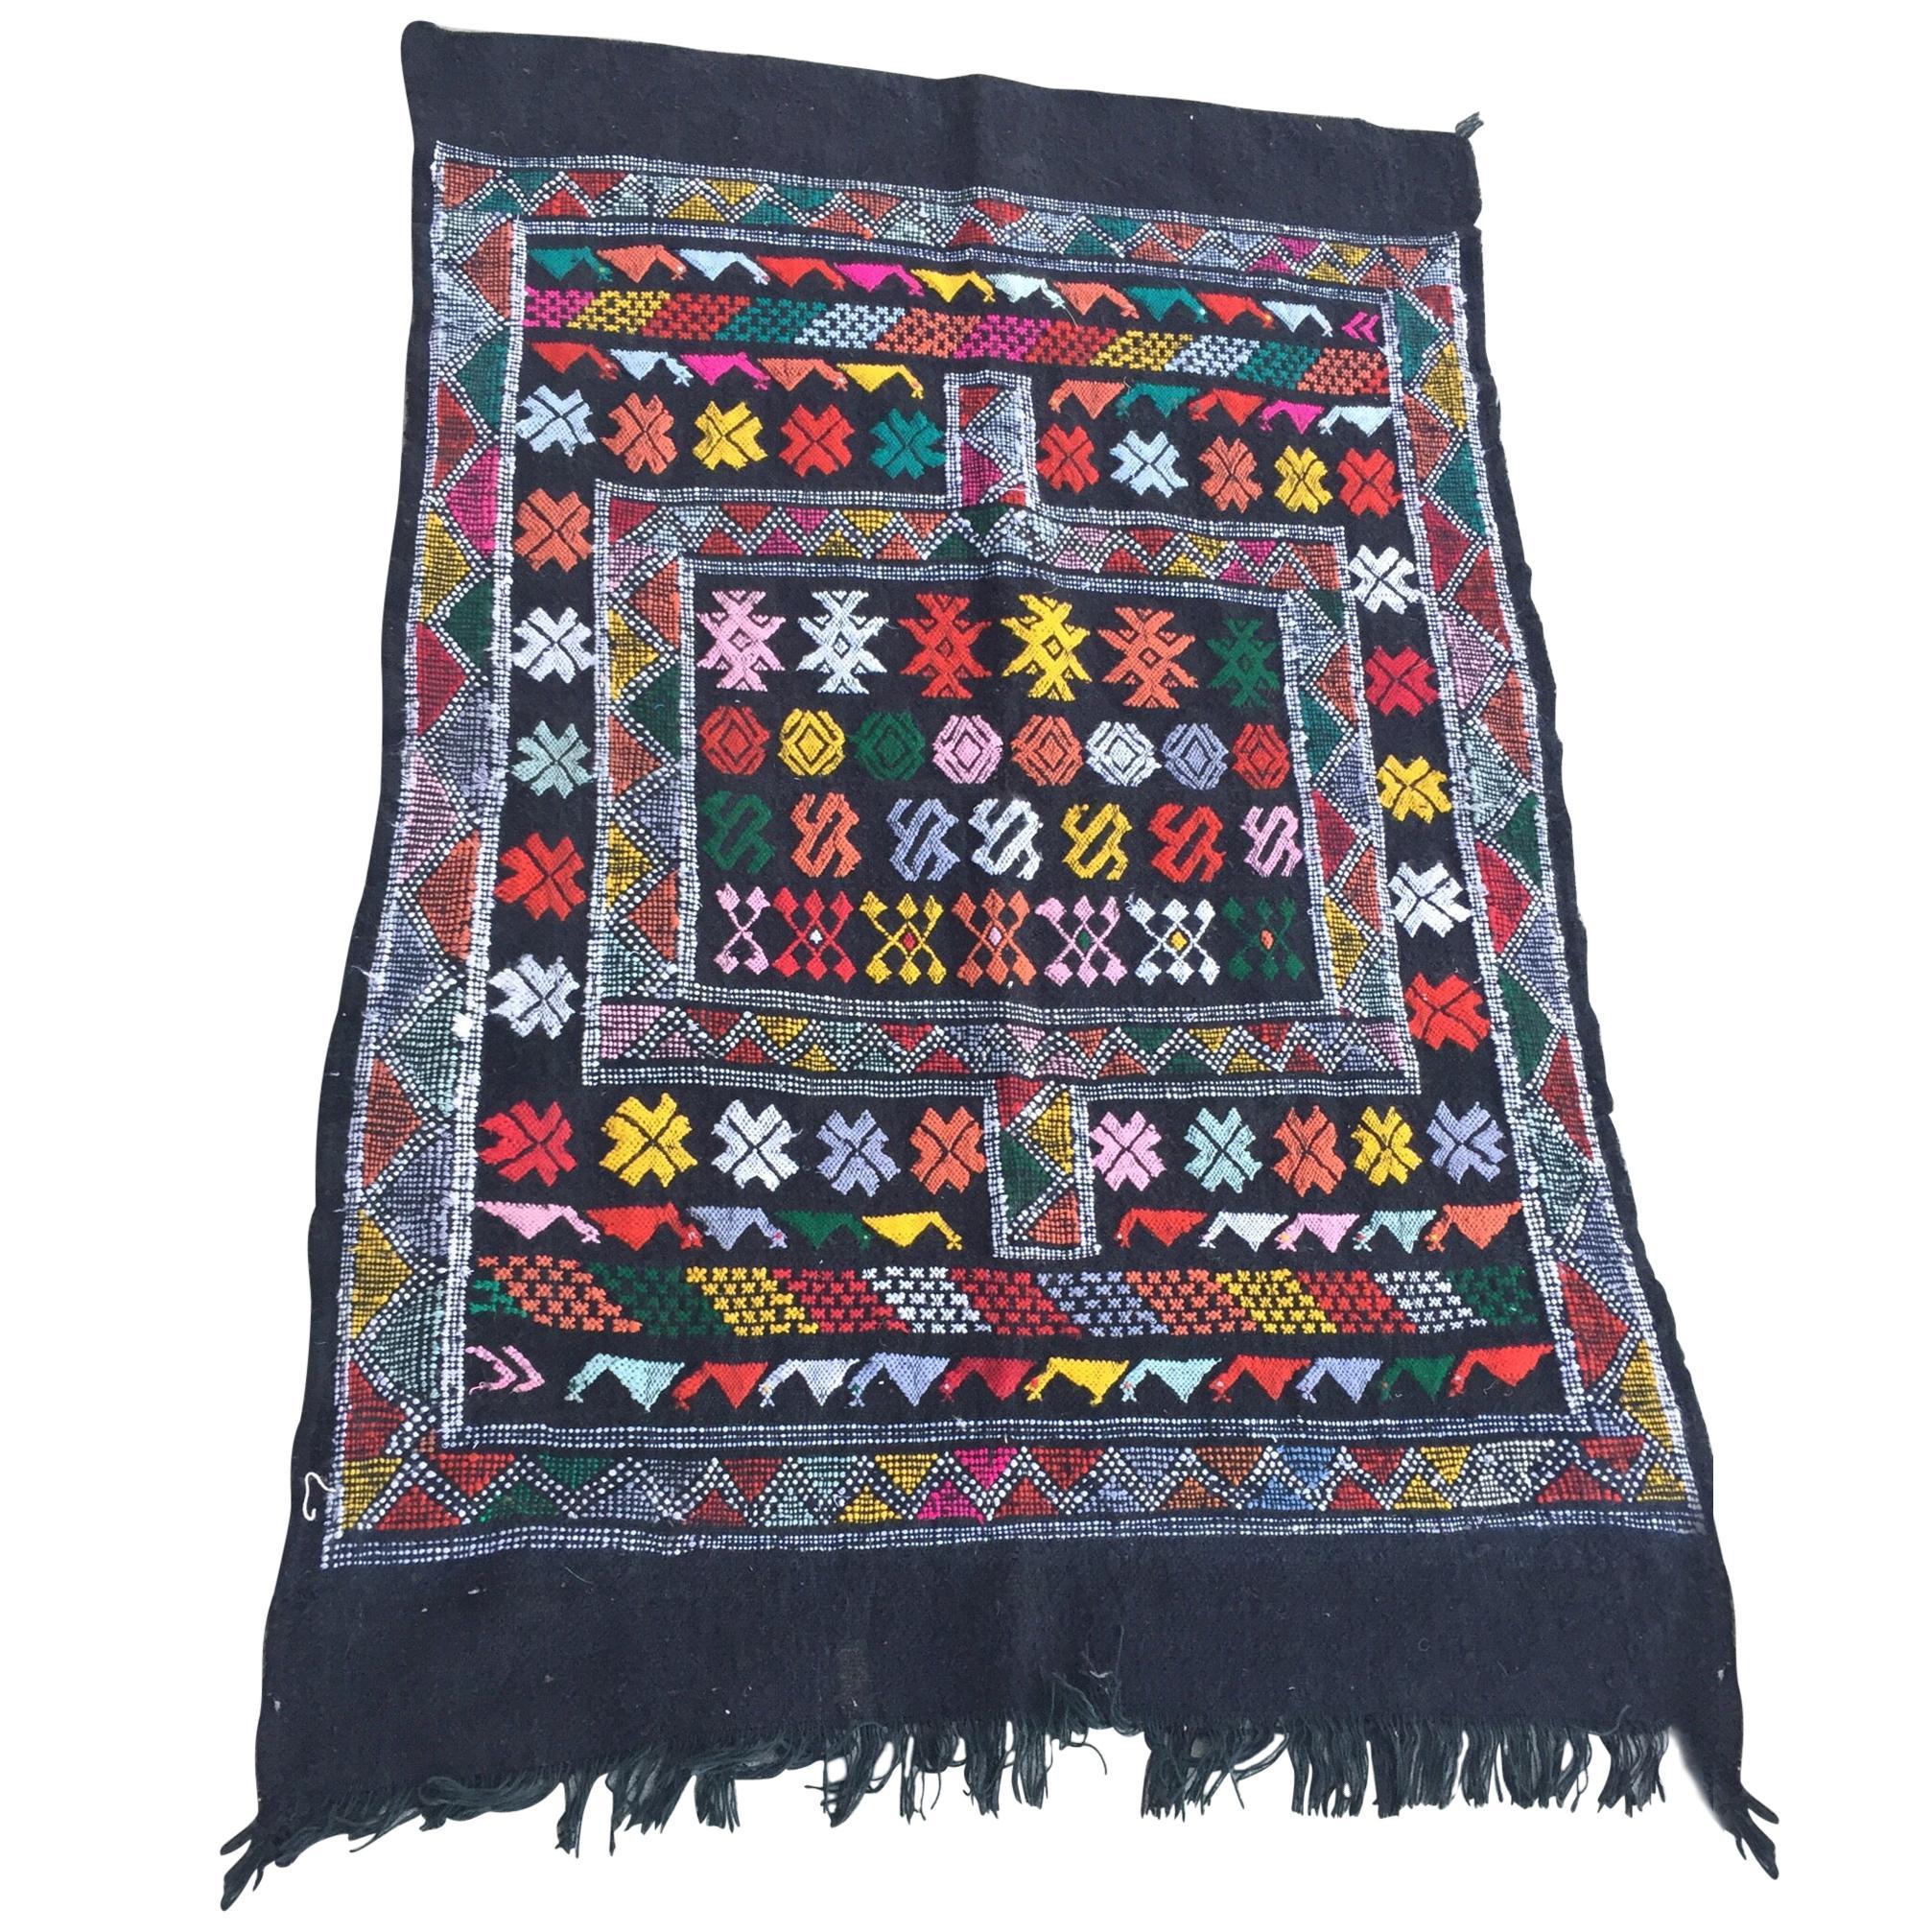 Moroccan Vintage North African Black Tribal Kilim Rug